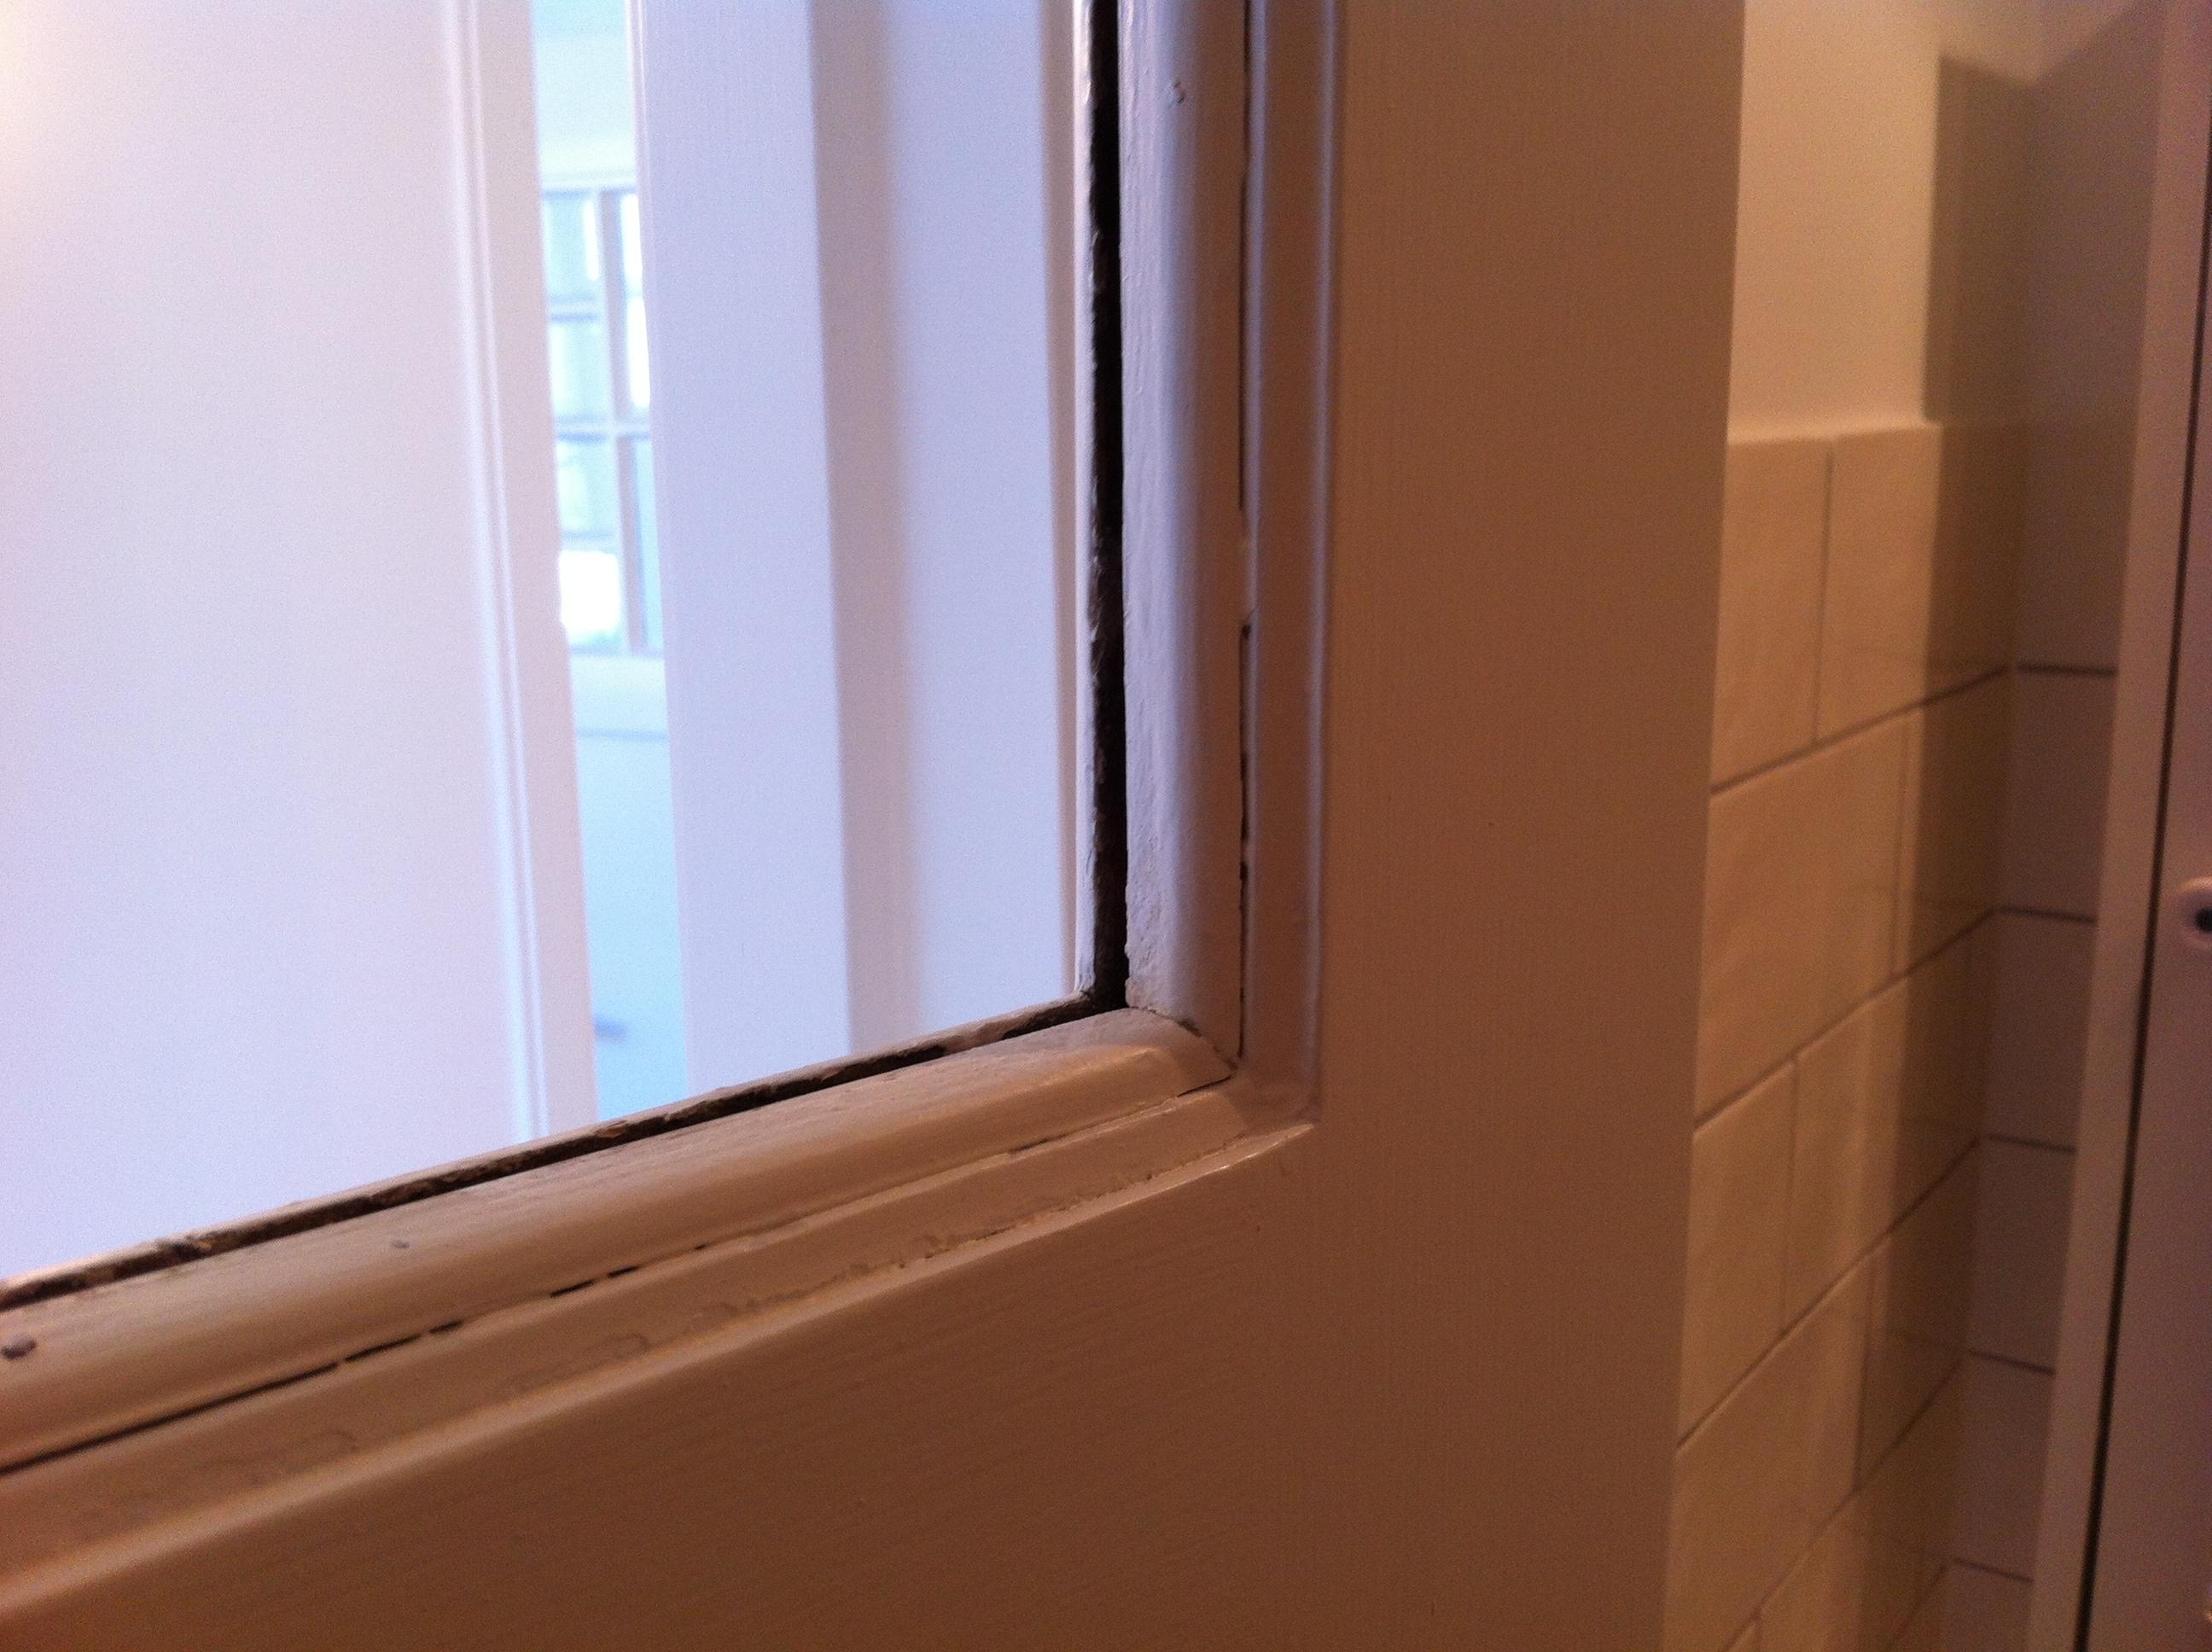 mettre une vitre dans une porte int rieure pour les makers. Black Bedroom Furniture Sets. Home Design Ideas